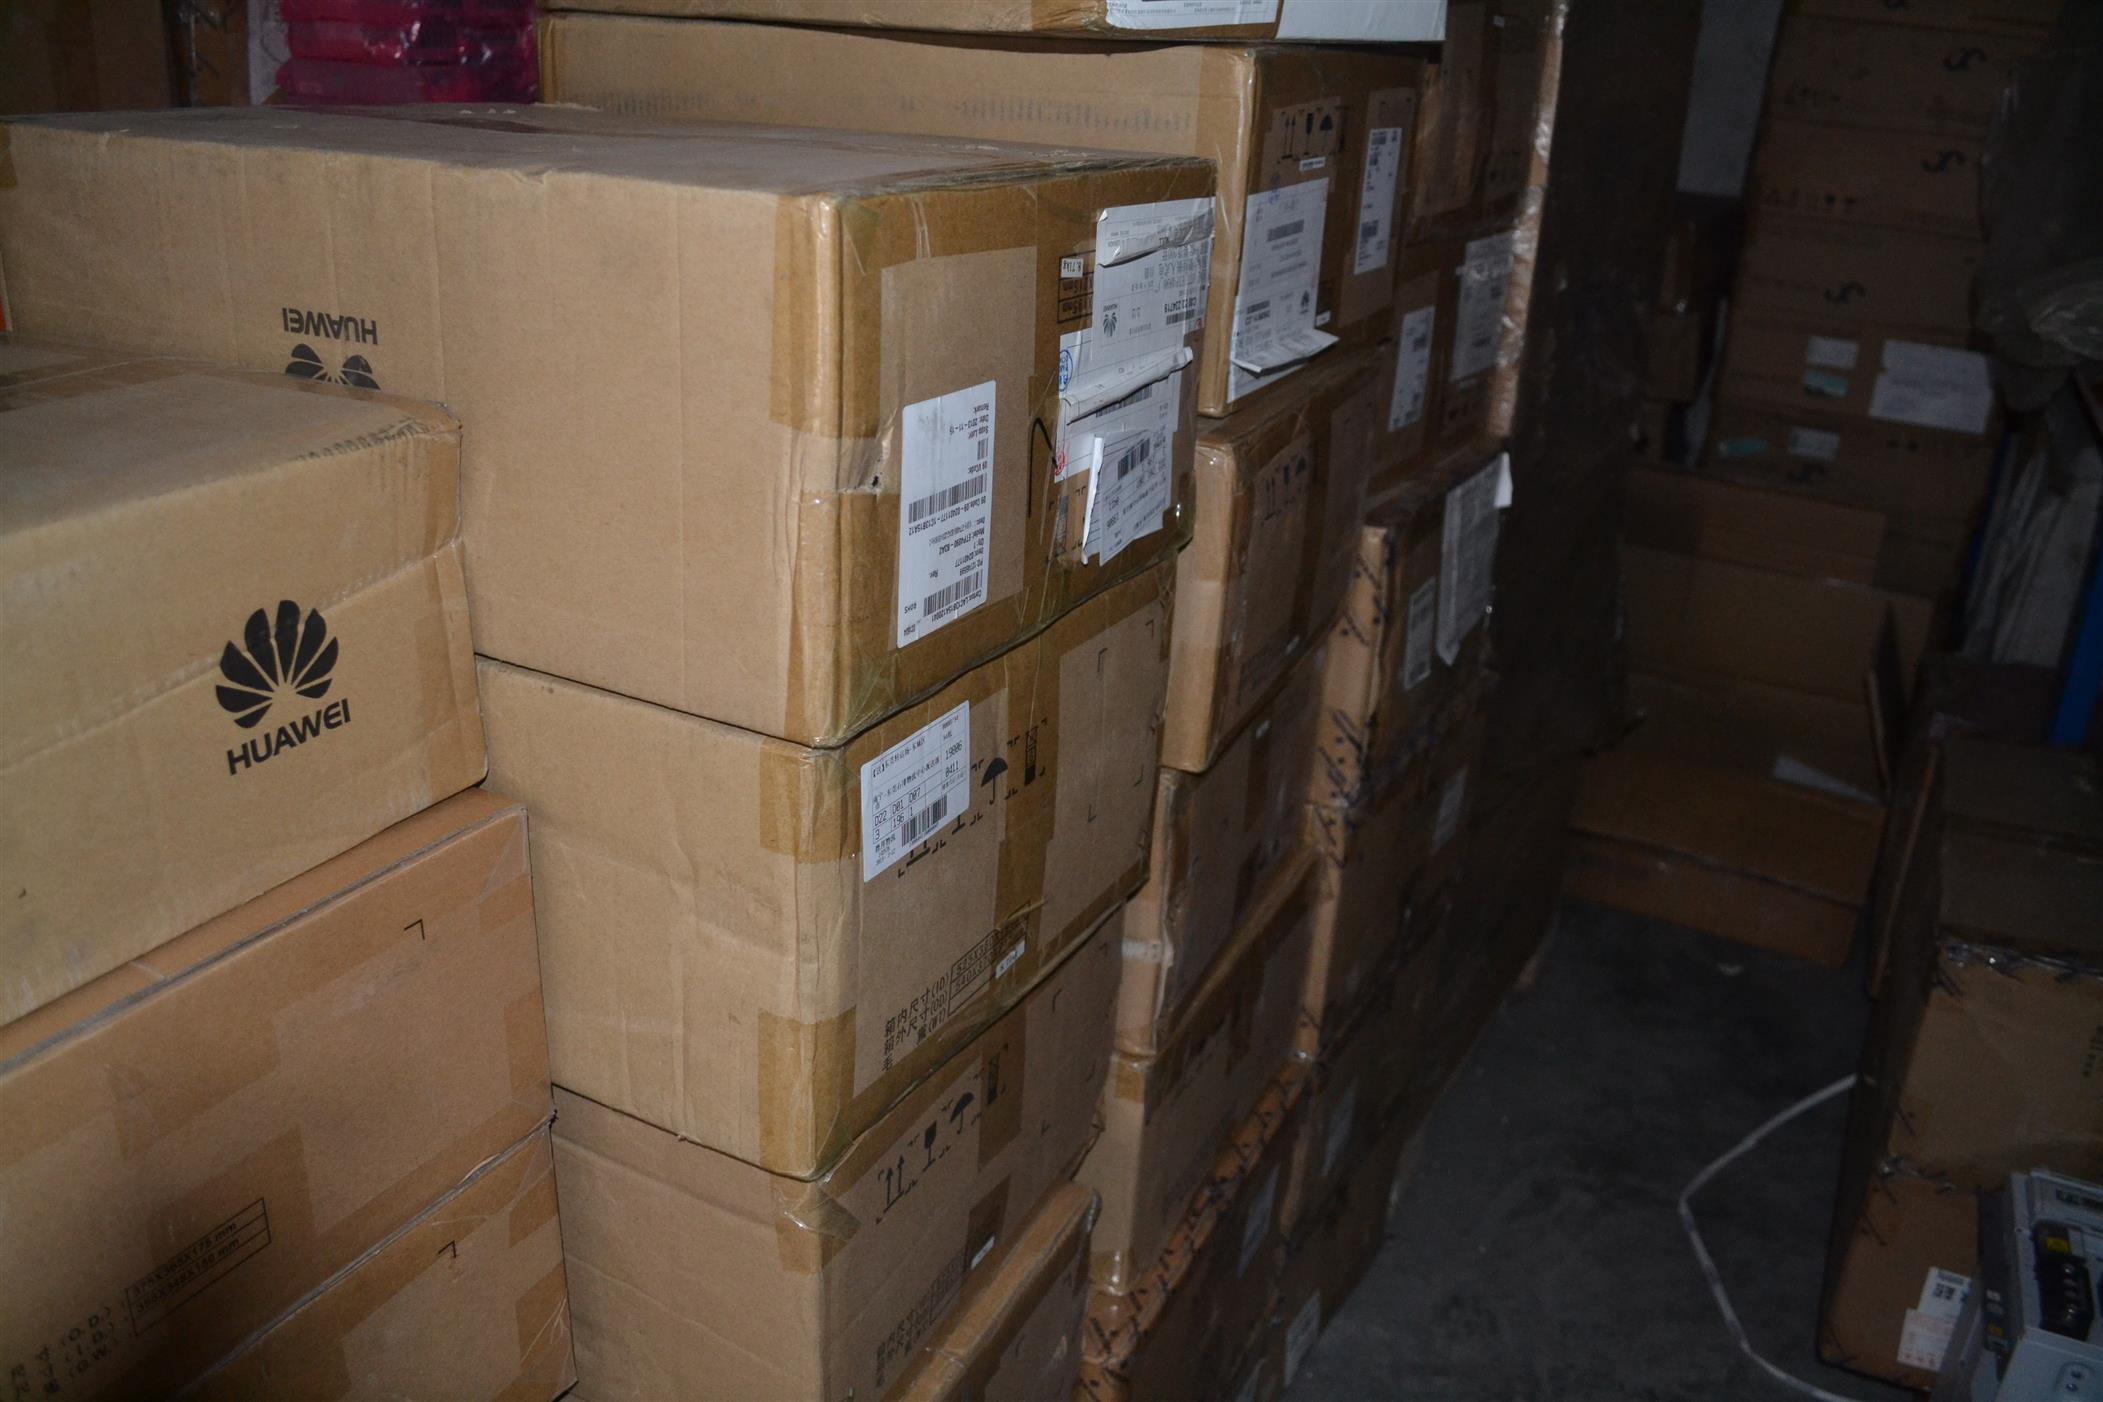 呼和浩特ETP4890-A2嵌入式電源 銷售與回收